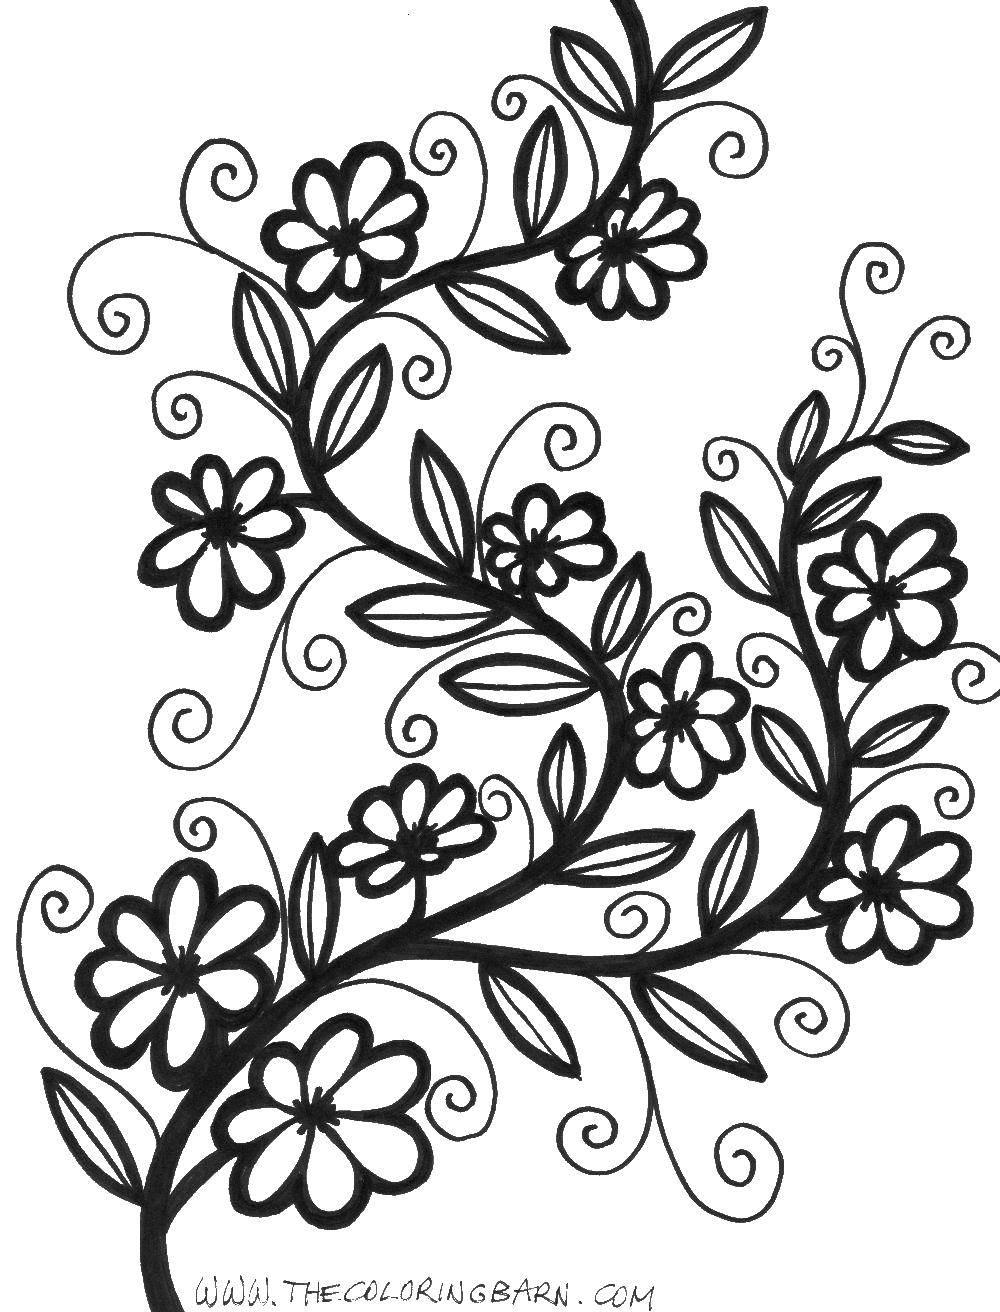 Красивые узоры и картинки для срисовки